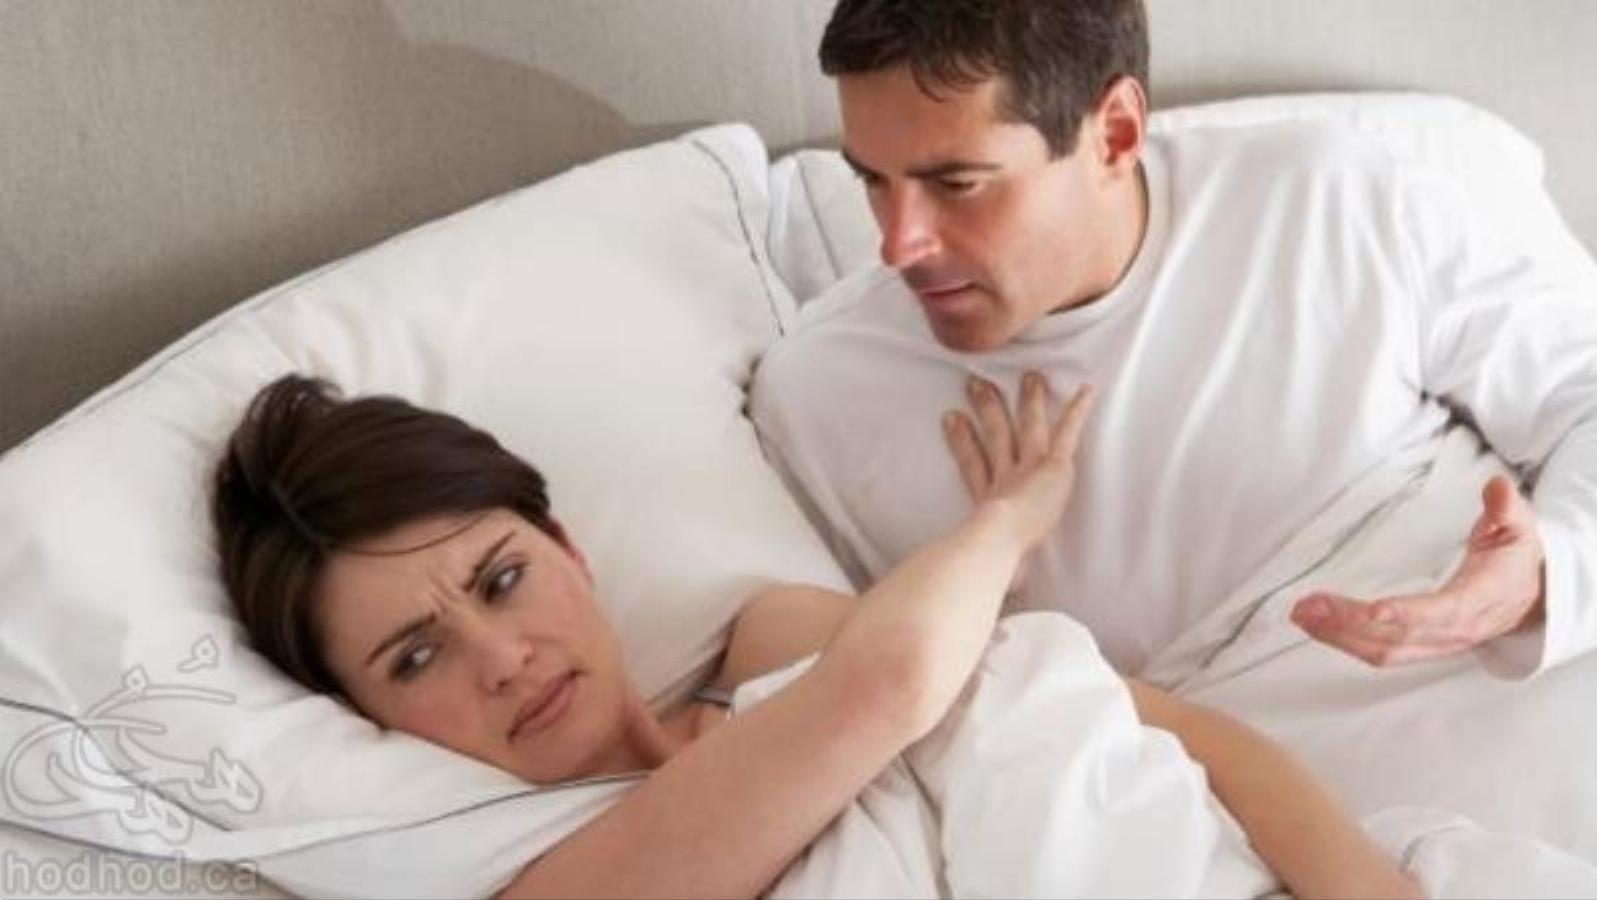 نگاهی نو: دلایل سرد مزاجی و کم شهوت بودن زنان